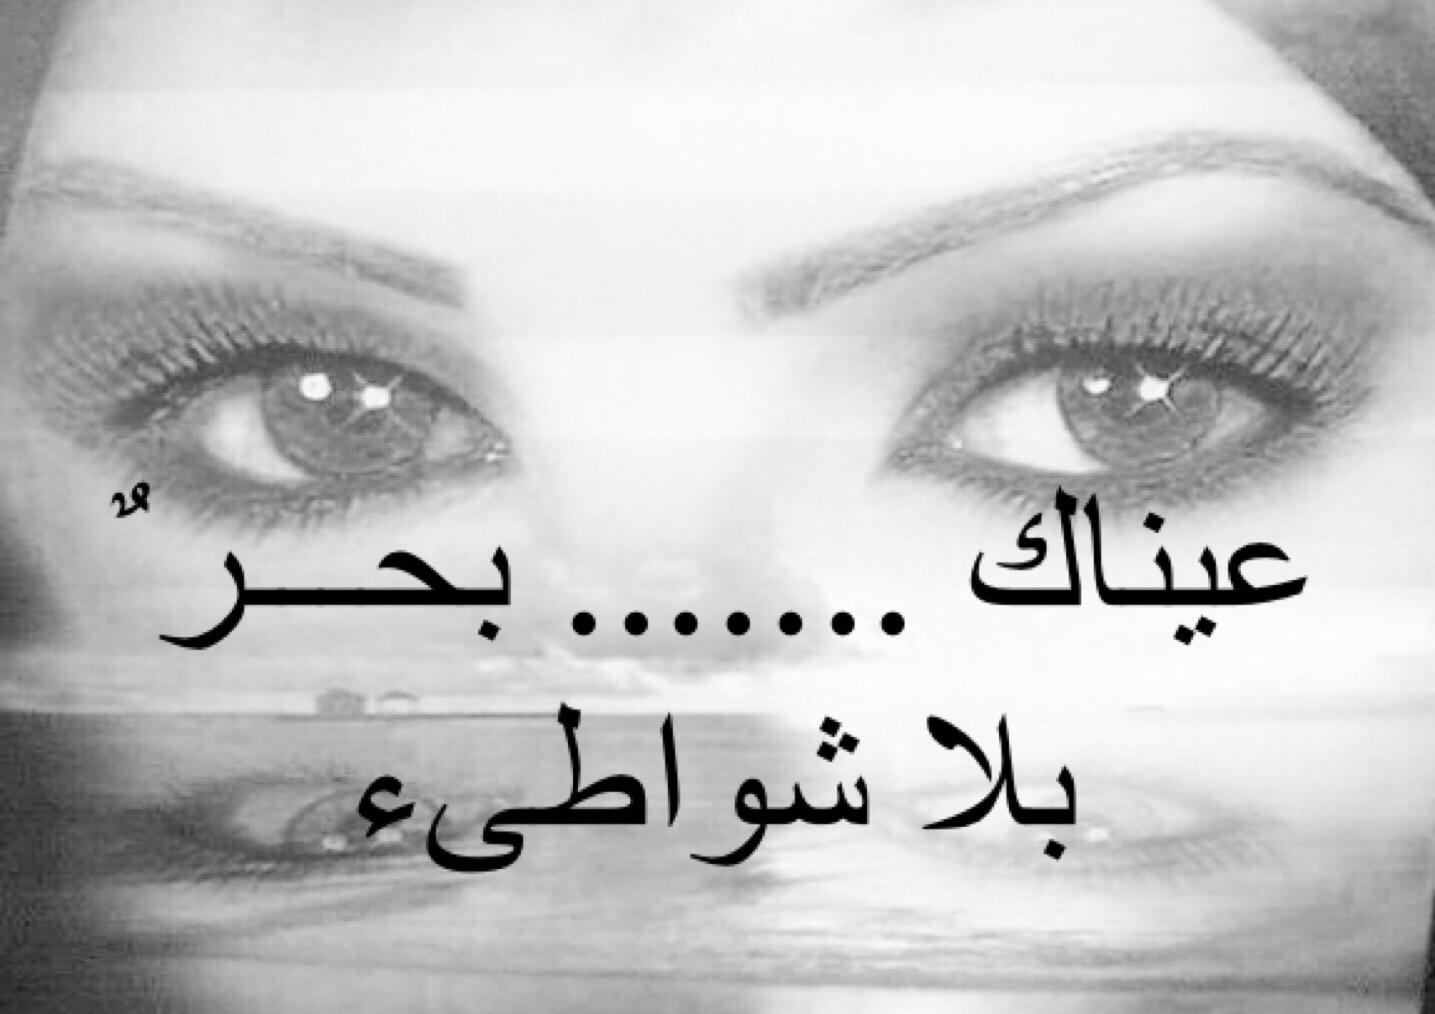 بالصور اجمل اشعار الغزل , اروع اشعار الغزل 4955 5